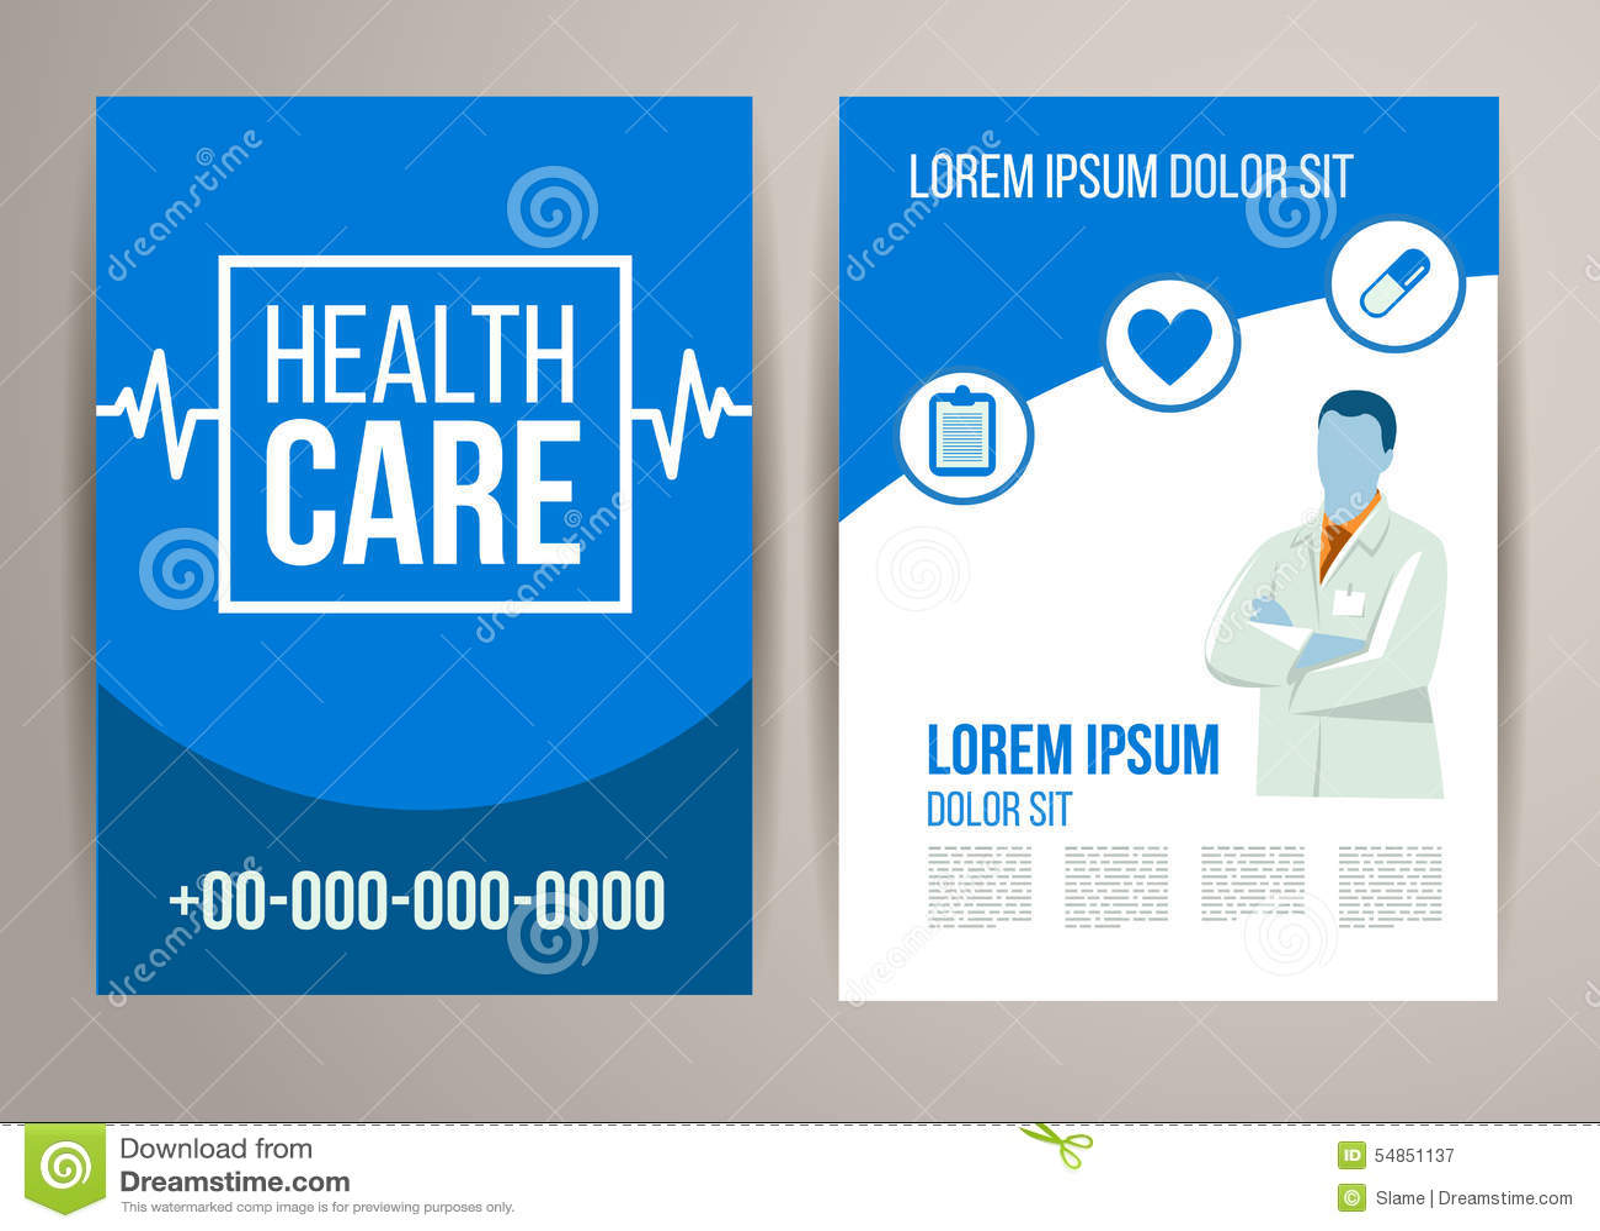 Healthcare Brochure Vector Image 54851137 – Healthcare Brochure